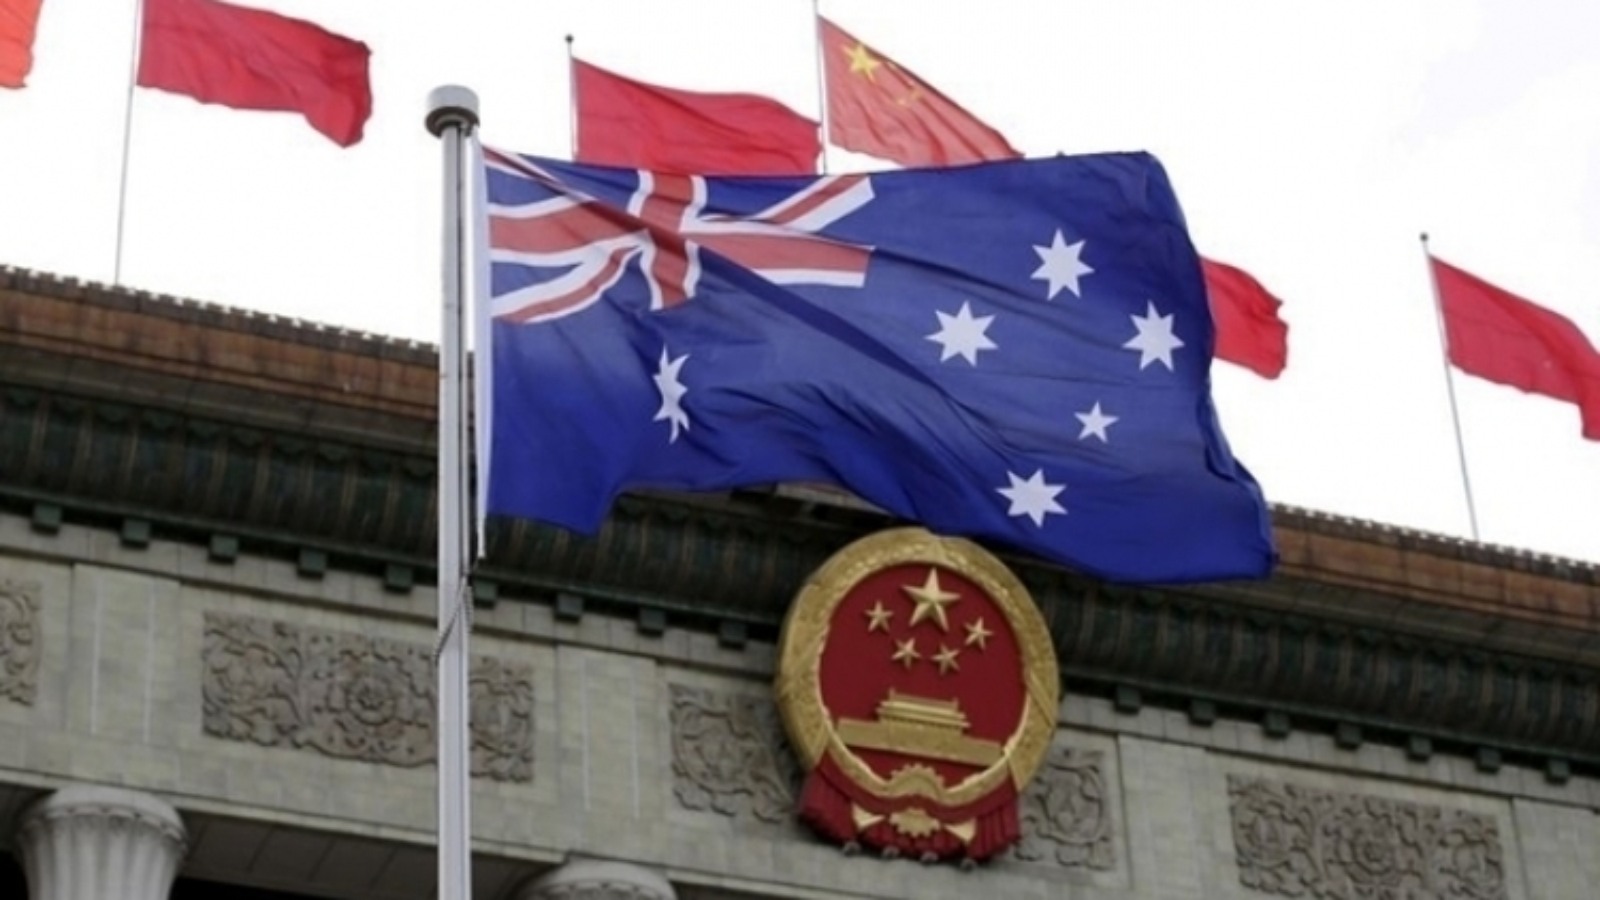 """Kế """"giết gà dọa khỉ"""" phản tác dụng, Trung Quốc mất đòn bẩy trong quan hệ với Australia"""